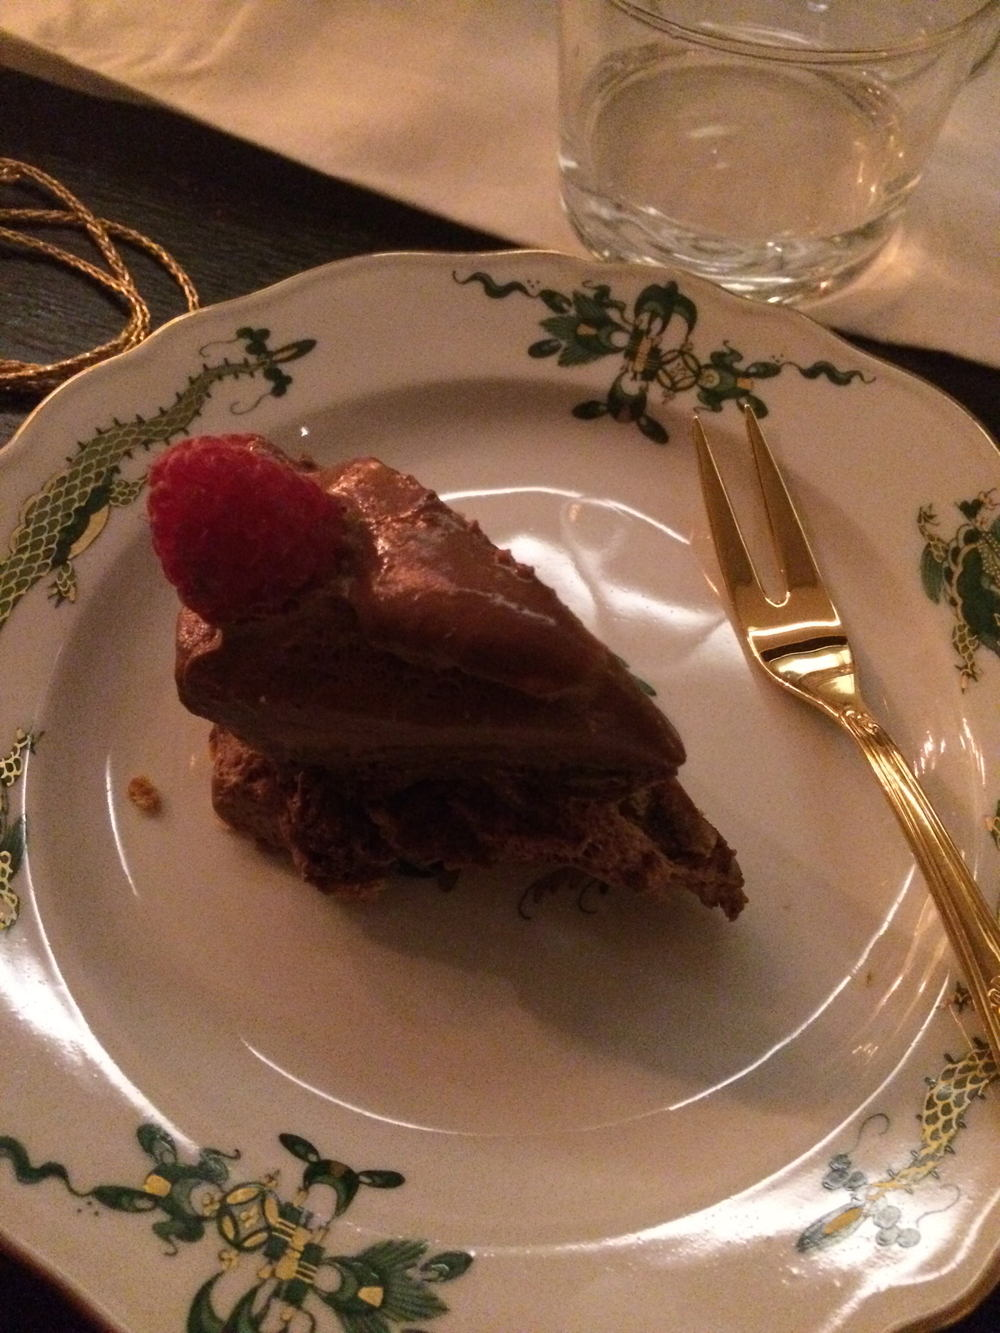 13_Birthday Dinner mit Flavourhouse in Berlin9.jpg